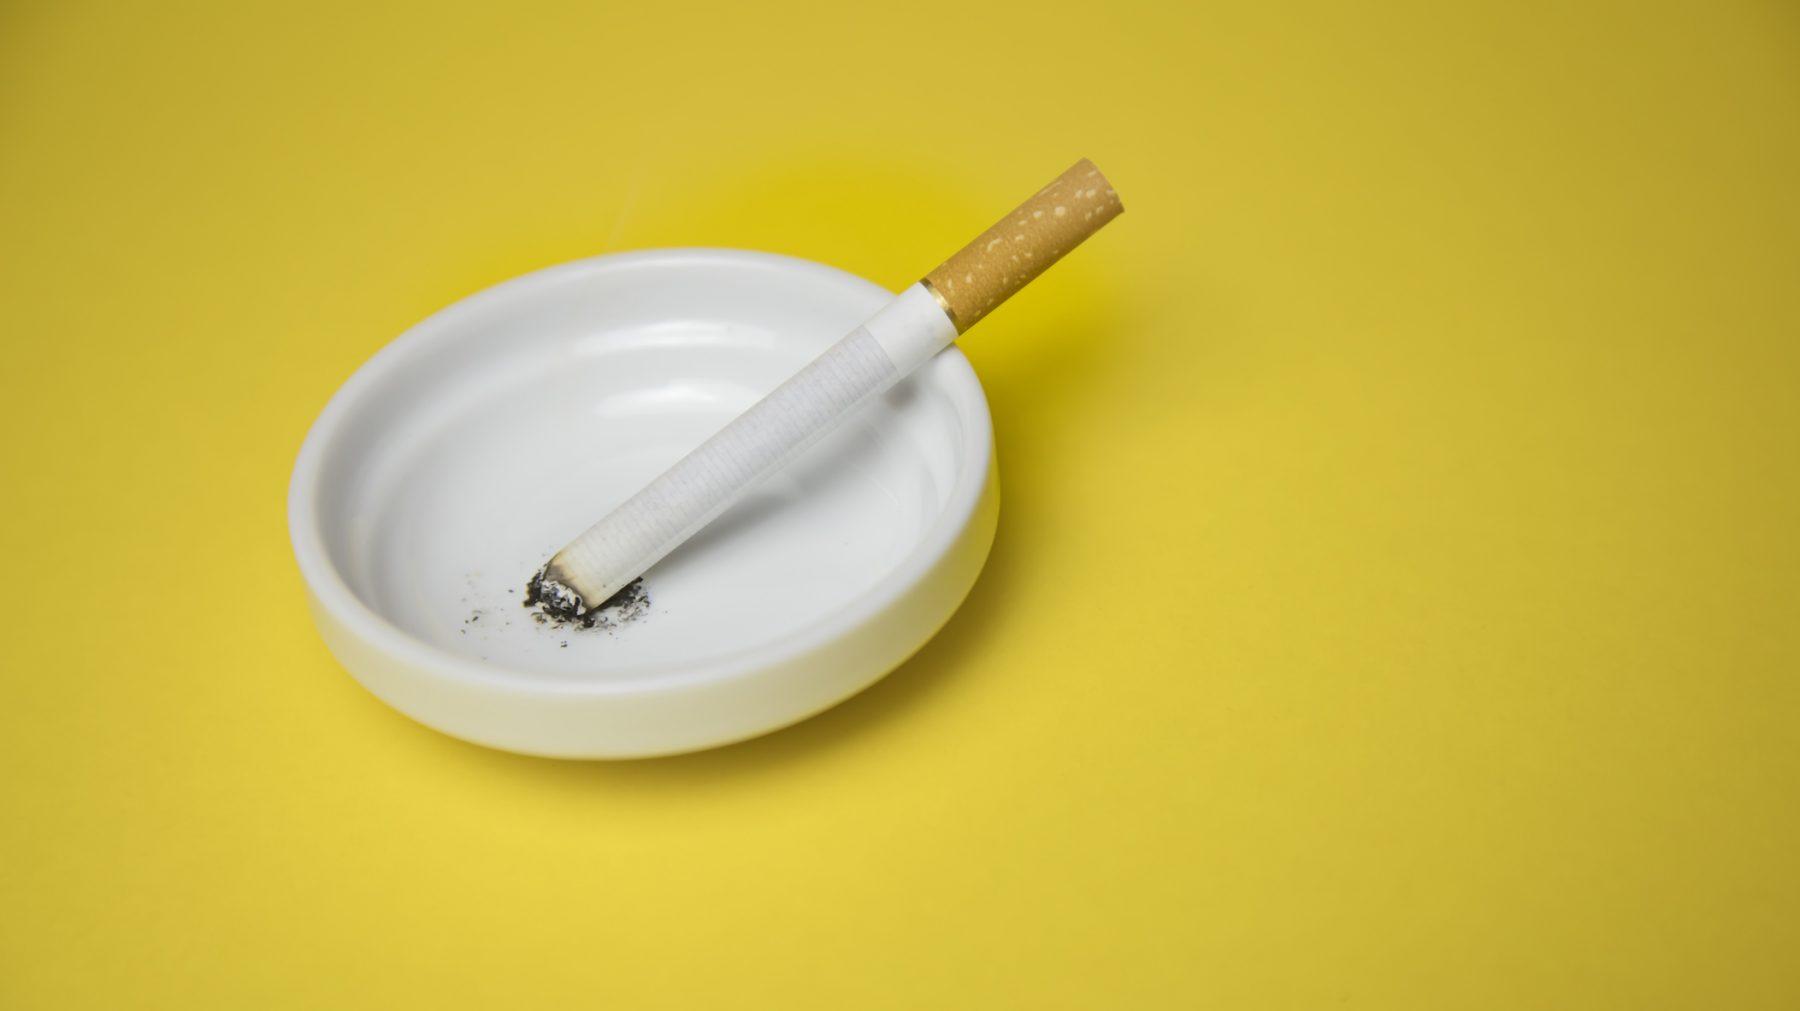 sigaretten vergoeding zorgverzekering aanvragen